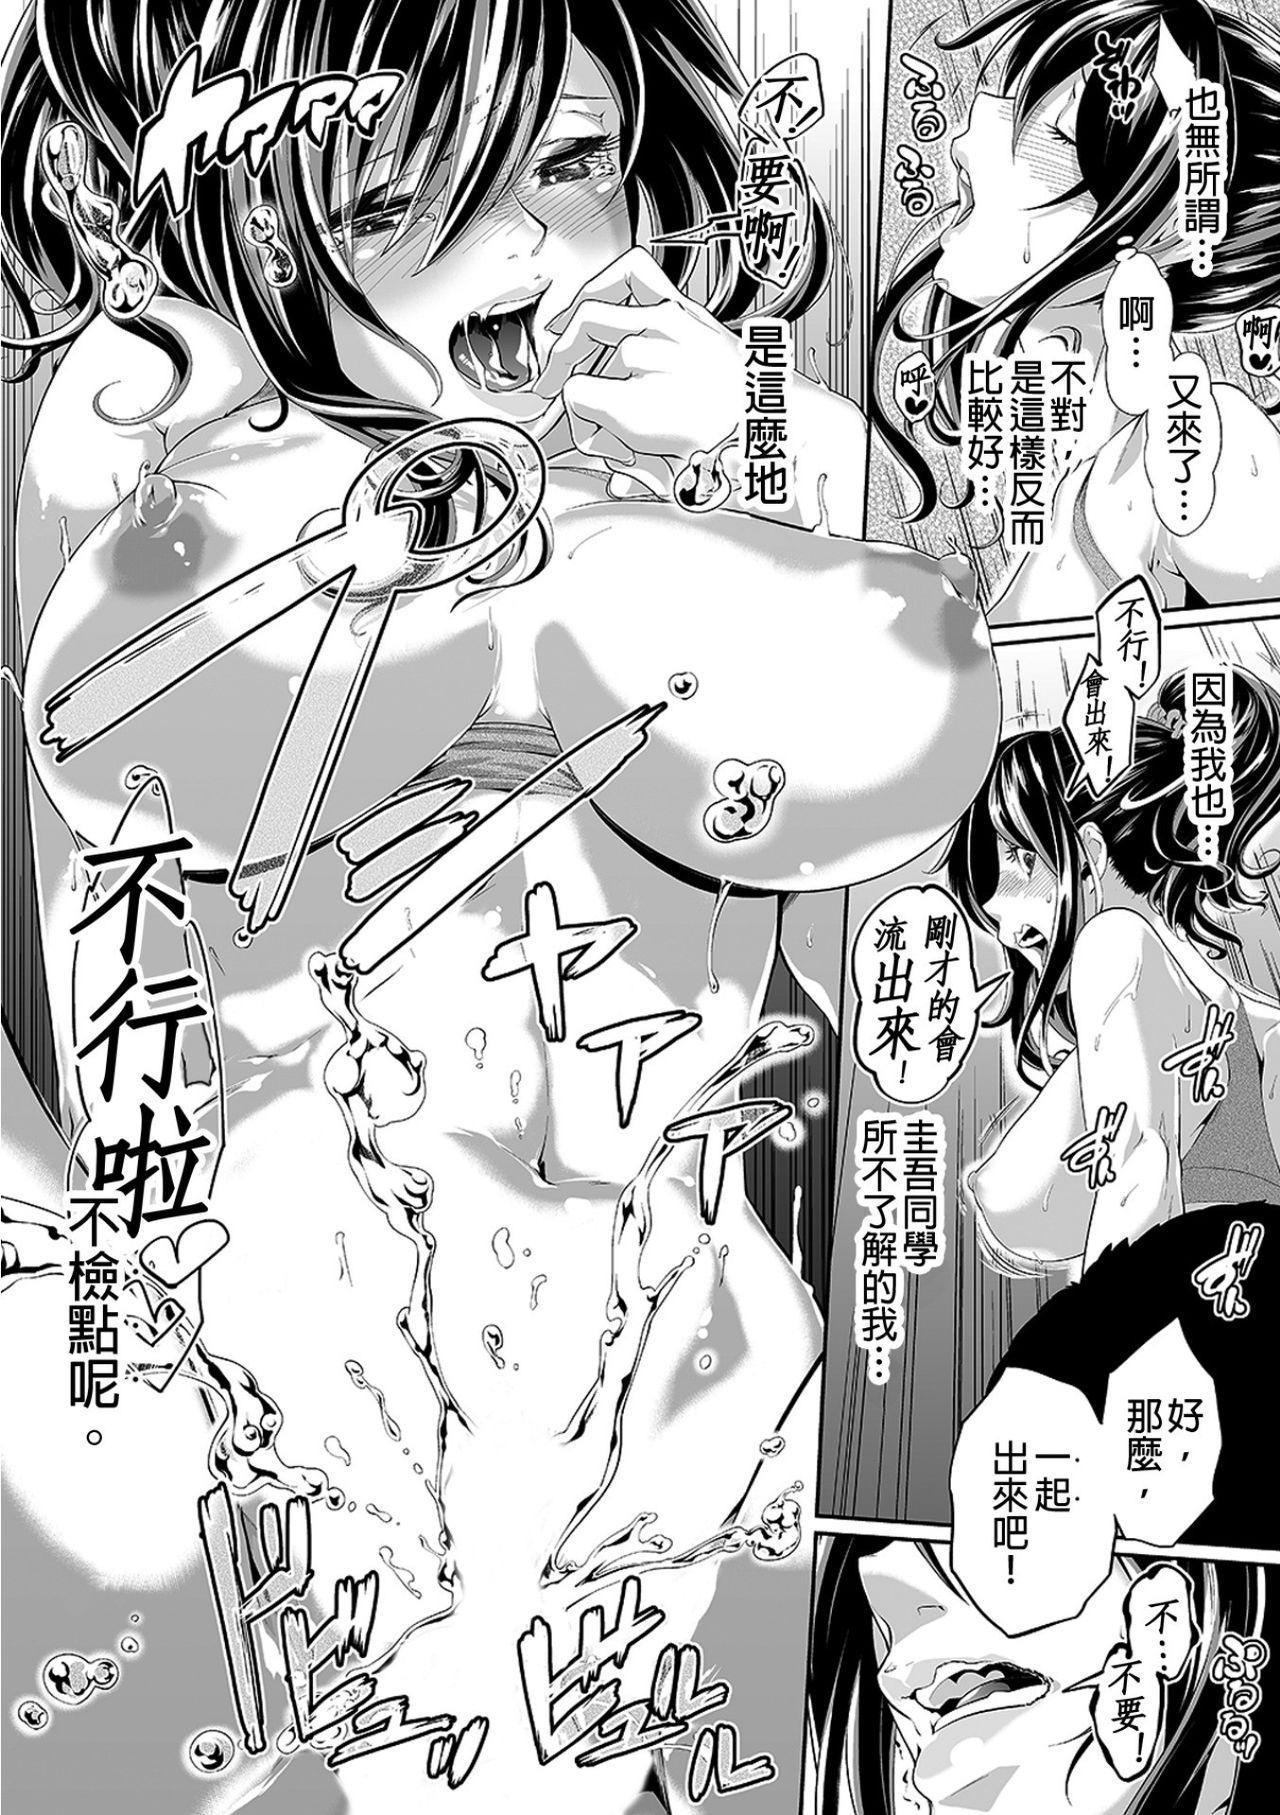 [Qunami Himehiko, Akahige] Gifu no Nurunuru Massage ~Musume no Kori o Asa kara Kurikuri~   義父的濕答答按摩~一早幫忙女兒放鬆肌肉~ Ch. 6 [Chinese] 18